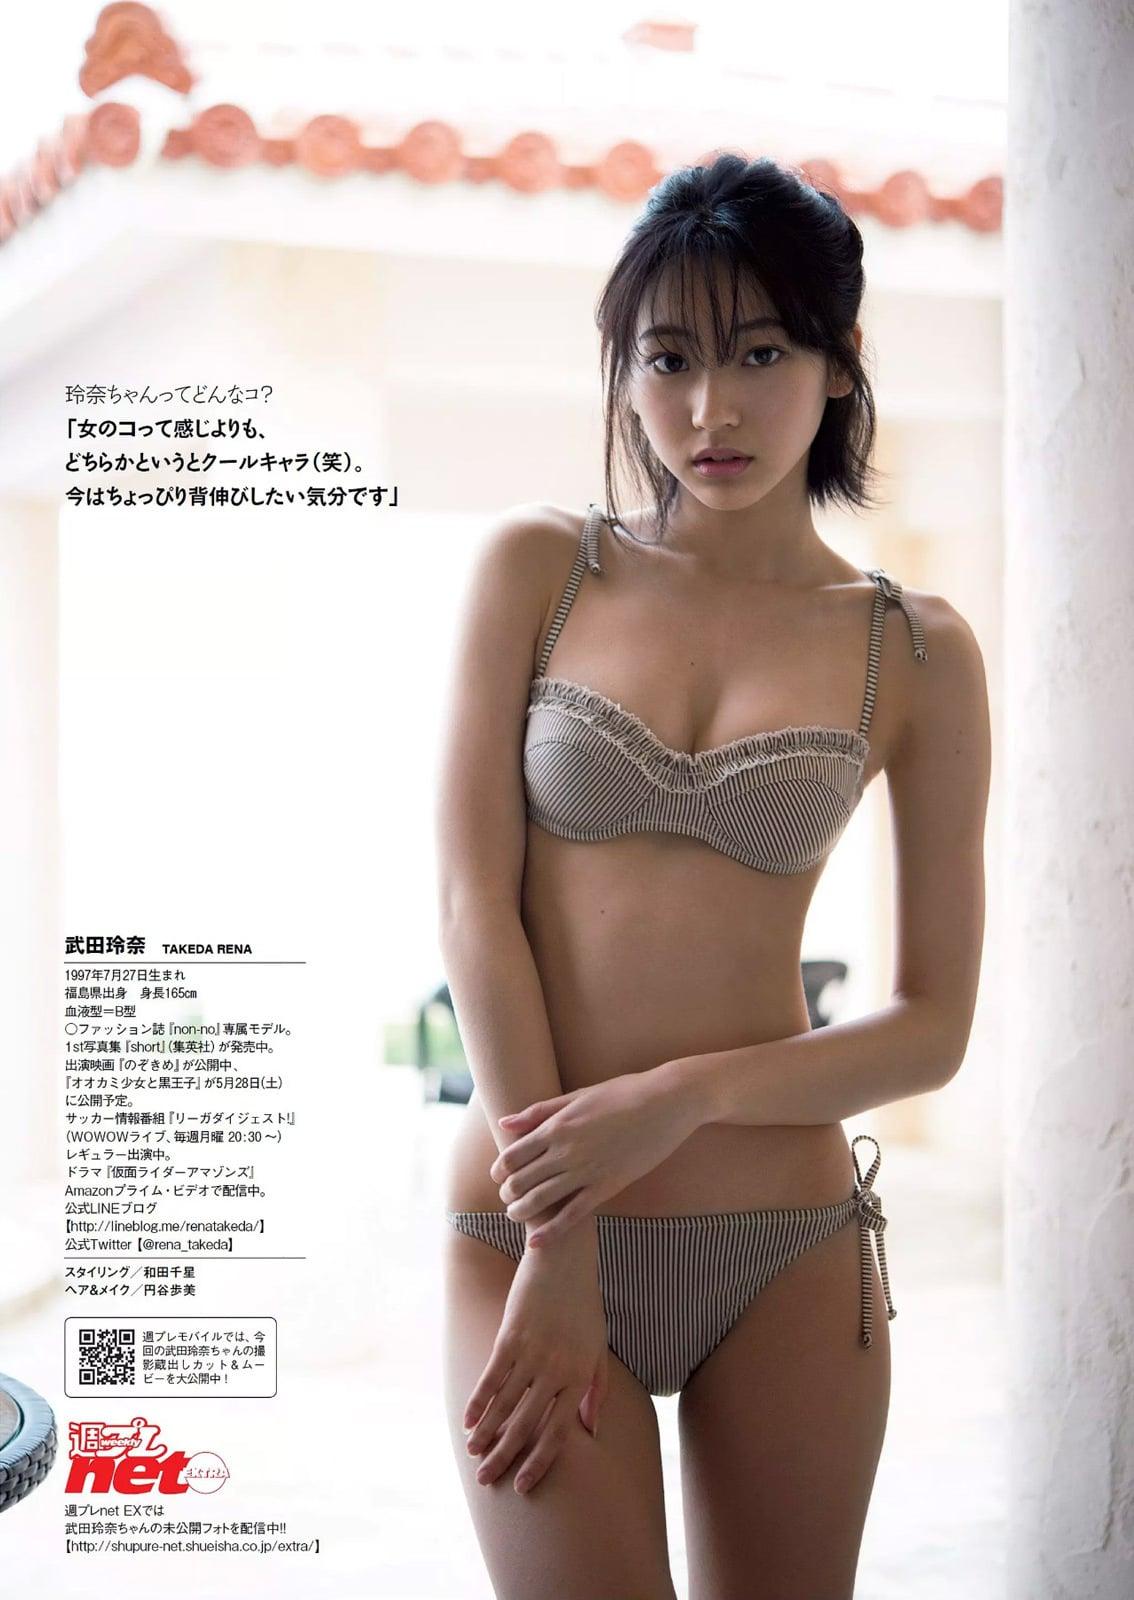 「週刊プレイボーイ 2016 No.21」武田玲奈の水着グラビア